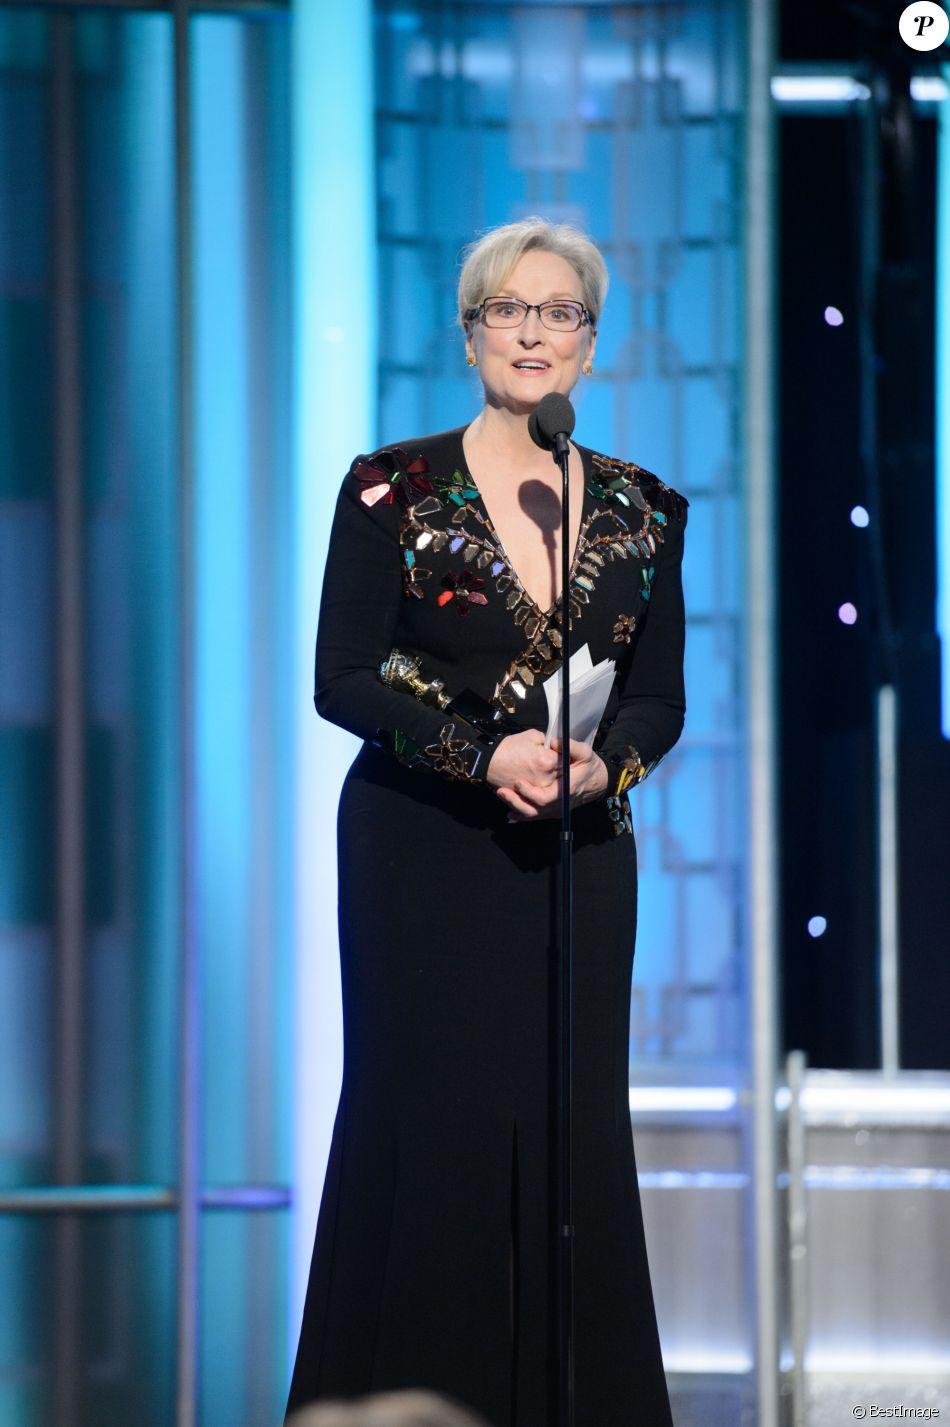 Meryl Streep - Show lors de la 74ème cérémonie annuelle des Golden Globe Awards à Beverly Hills, Los Angeles, Californie, Etats-Unis, le 8 janvier 2017. © HFPA/Zuma Press/Bestimage